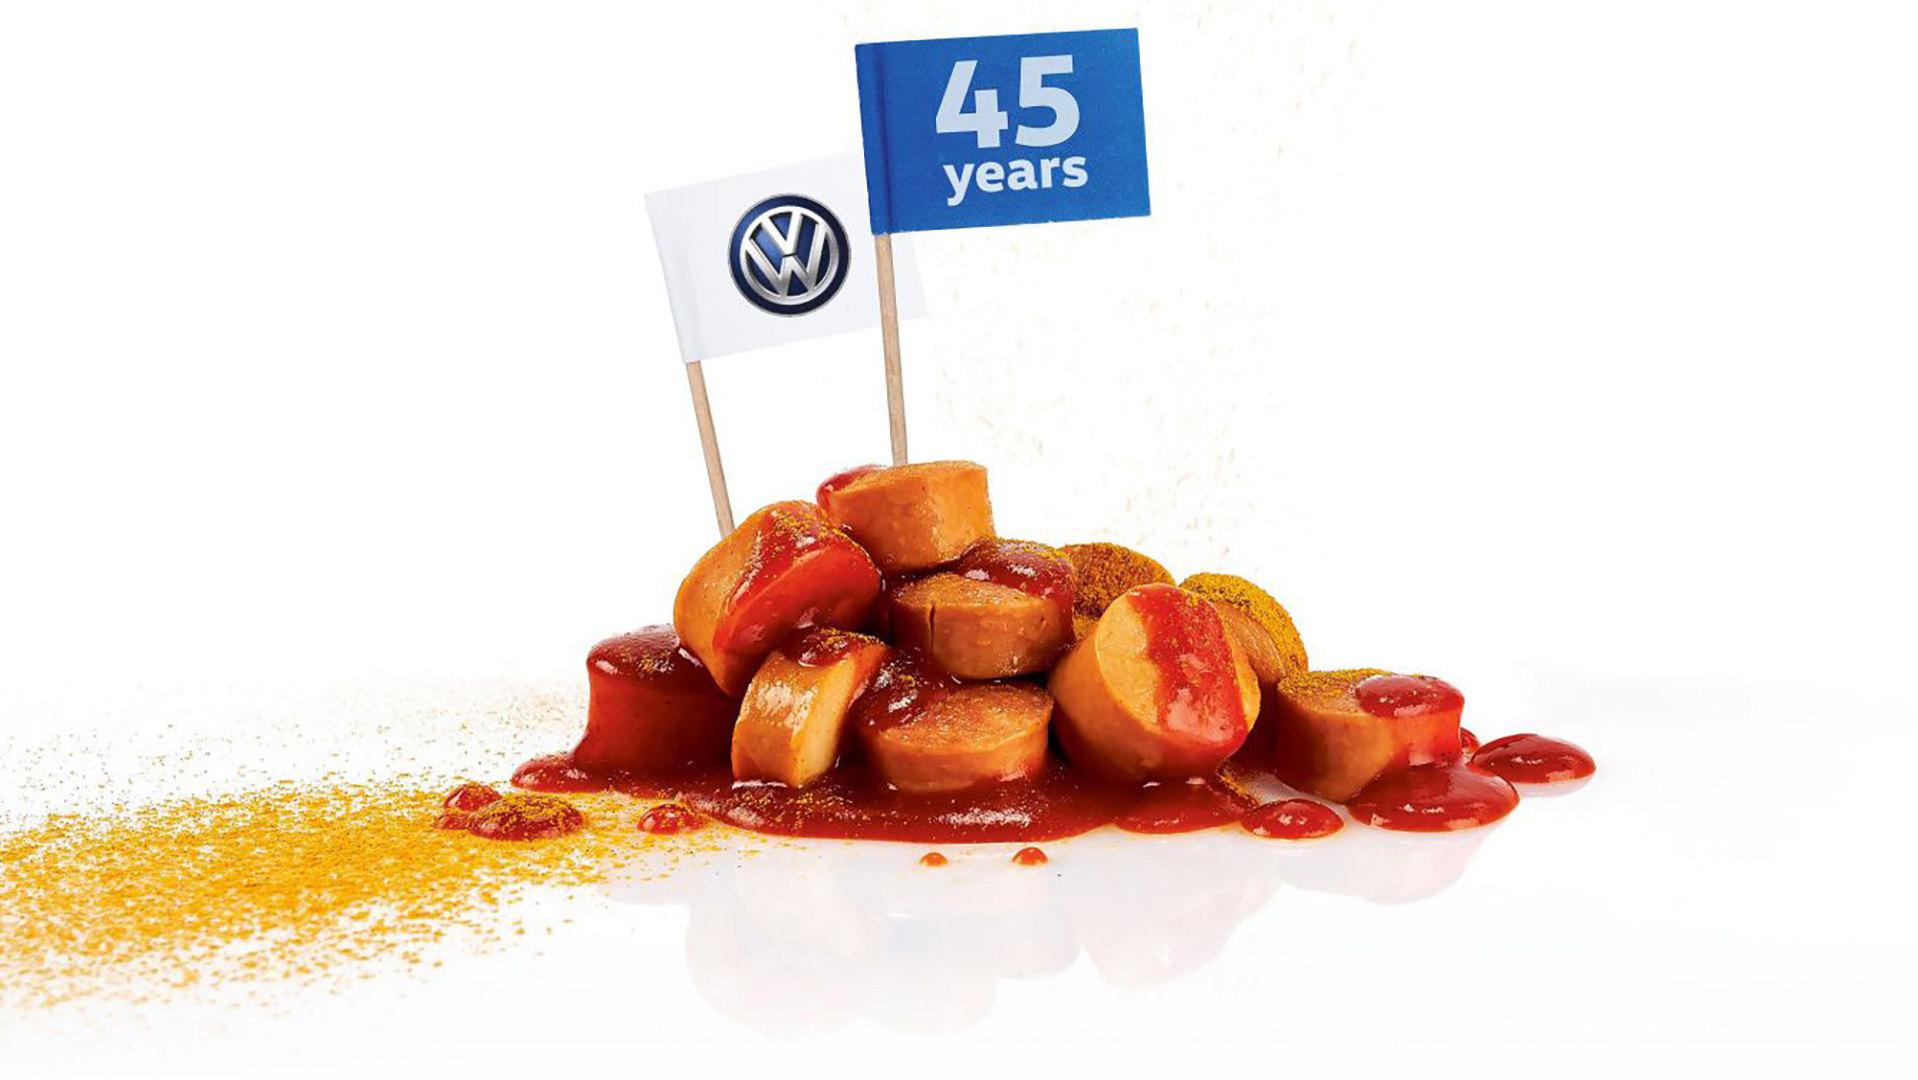 Volkswagen's best seller is... a sausage